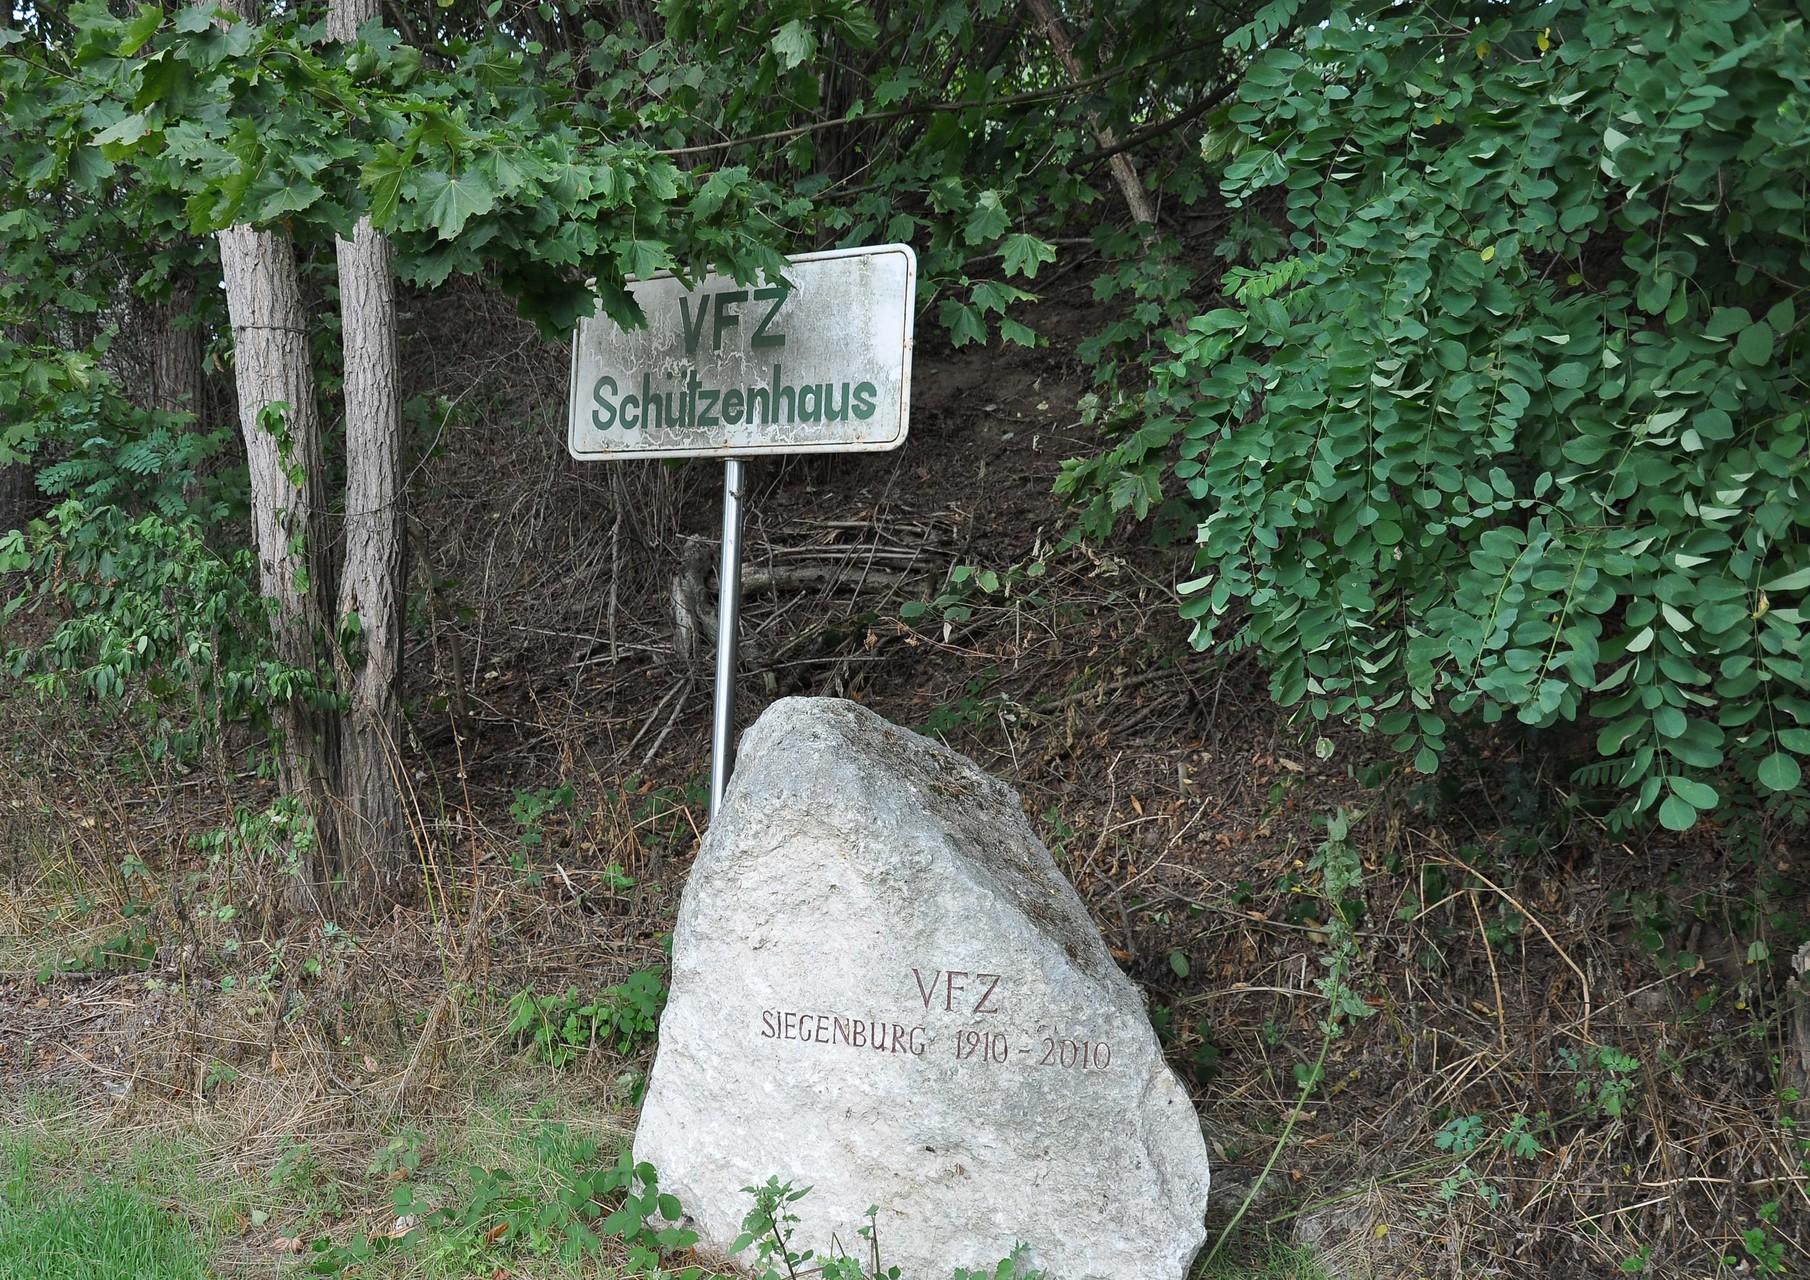 ...dass es hier zum Schützenheim Siegenburg geht